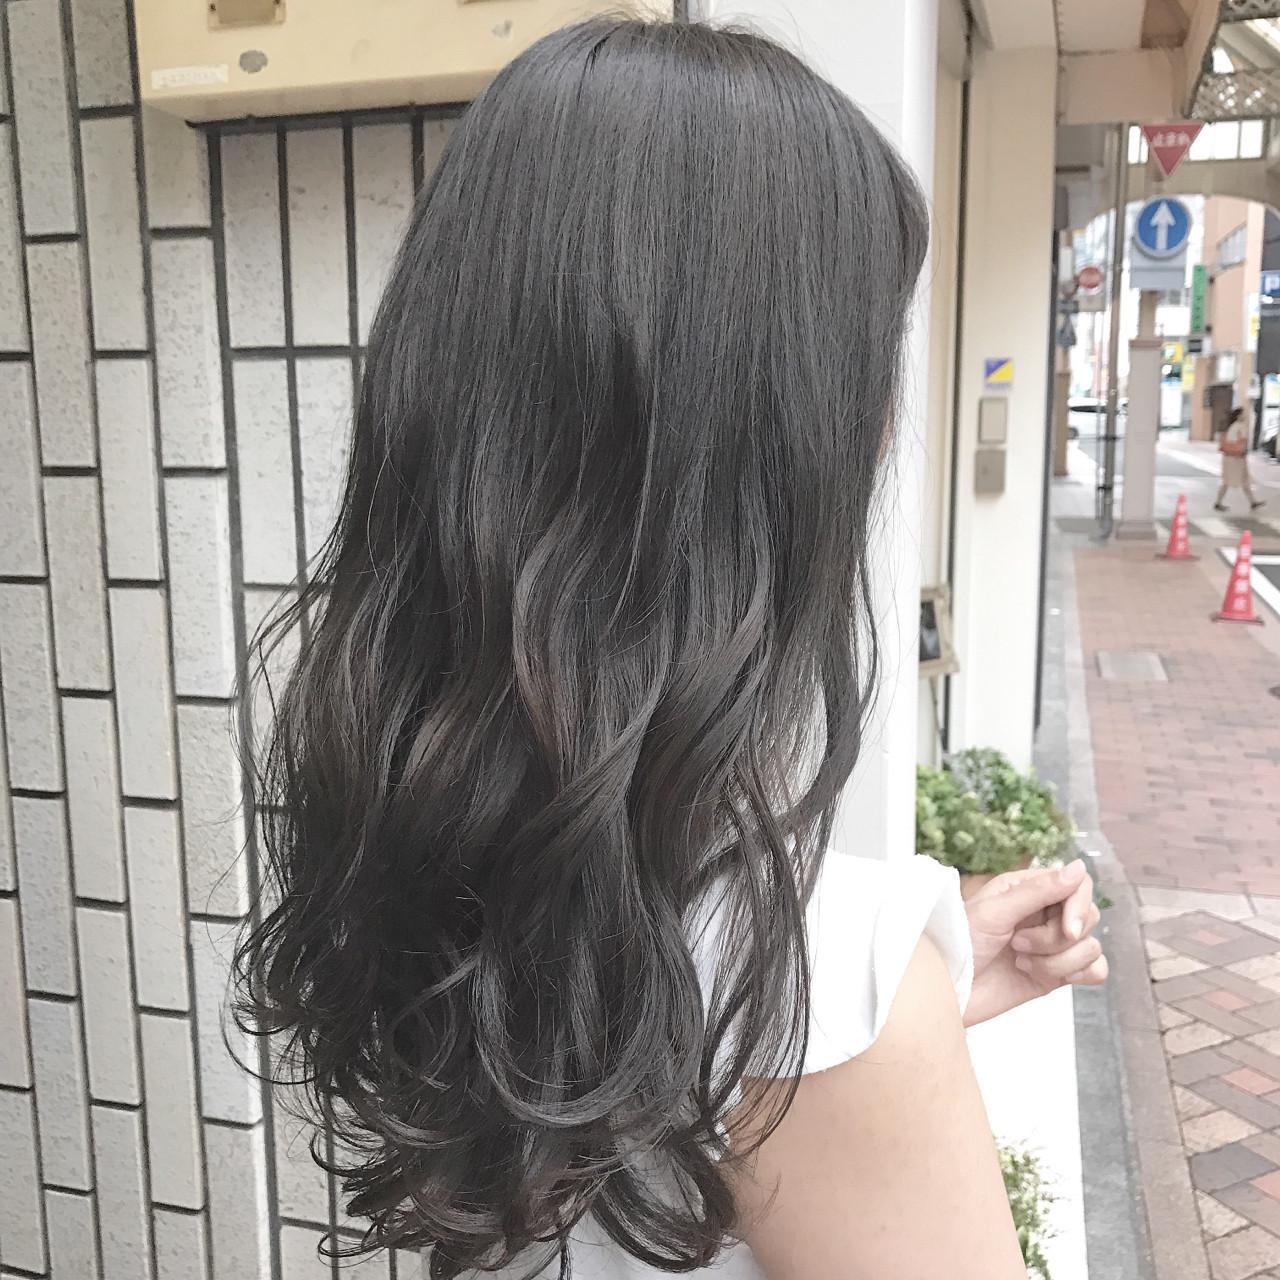 なんて方は、暗めカラーのグレーアッシュをチョイスするのが◎。 自然な髪色だけど、ちょこっとイメチェンしたい!そんな願いをかなえてくれるヘアカラーです♪ツヤ感